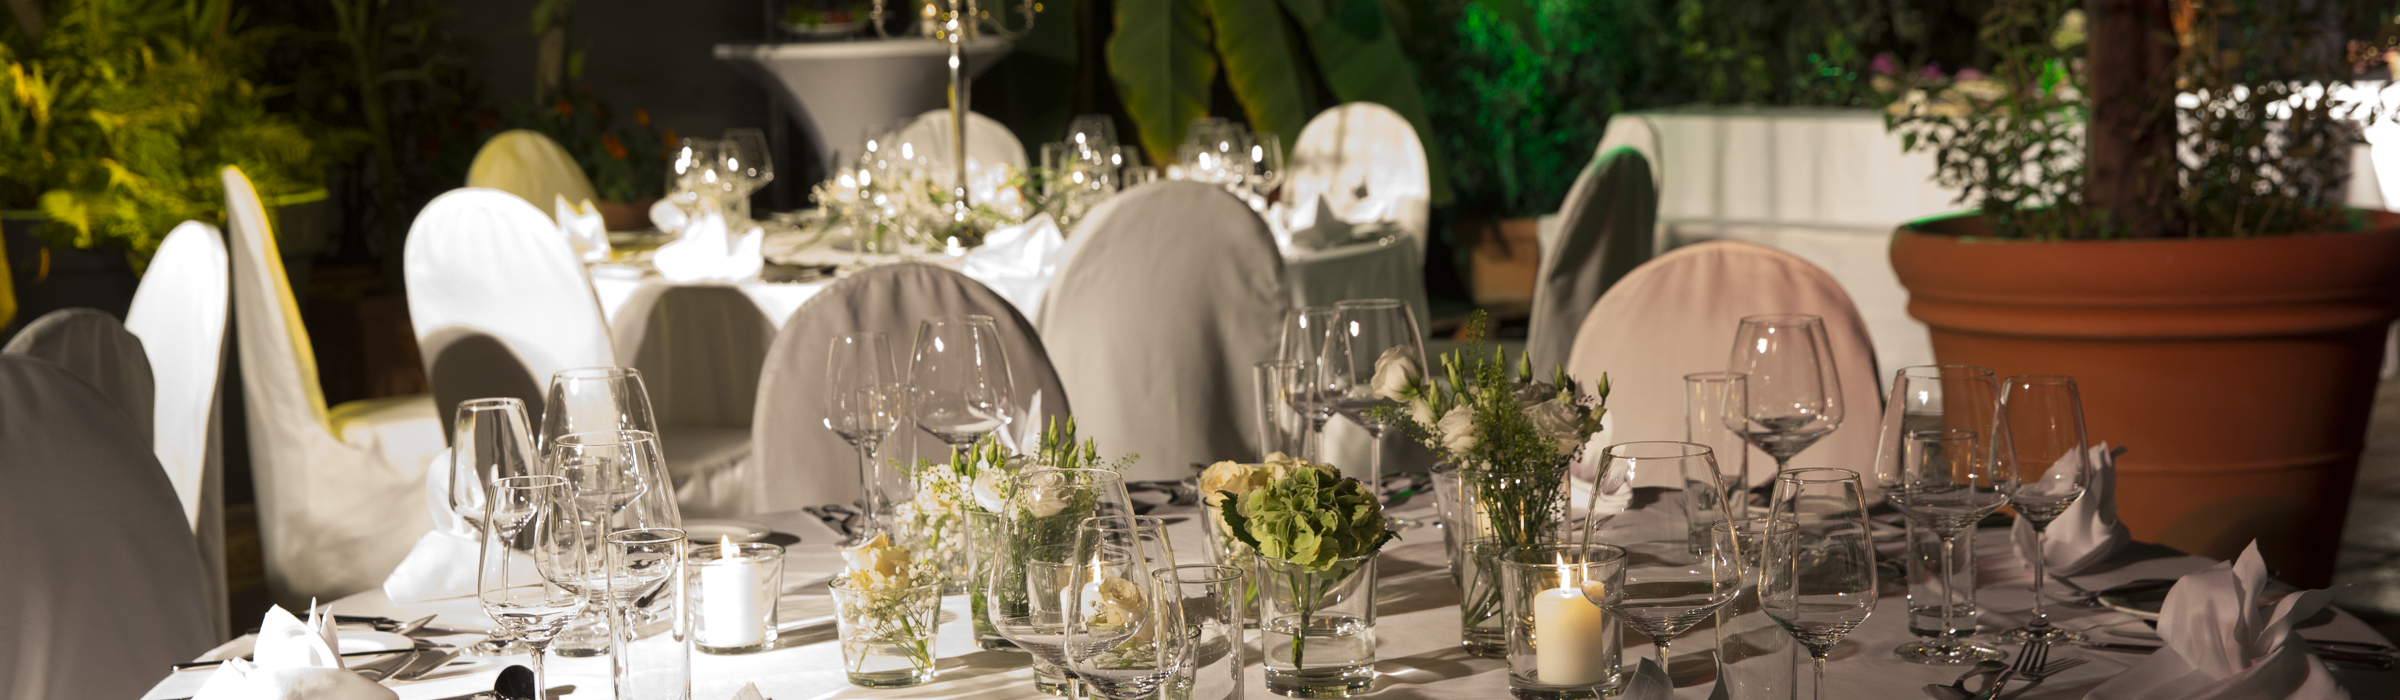 Palmenhaus München Hochzeitstafel